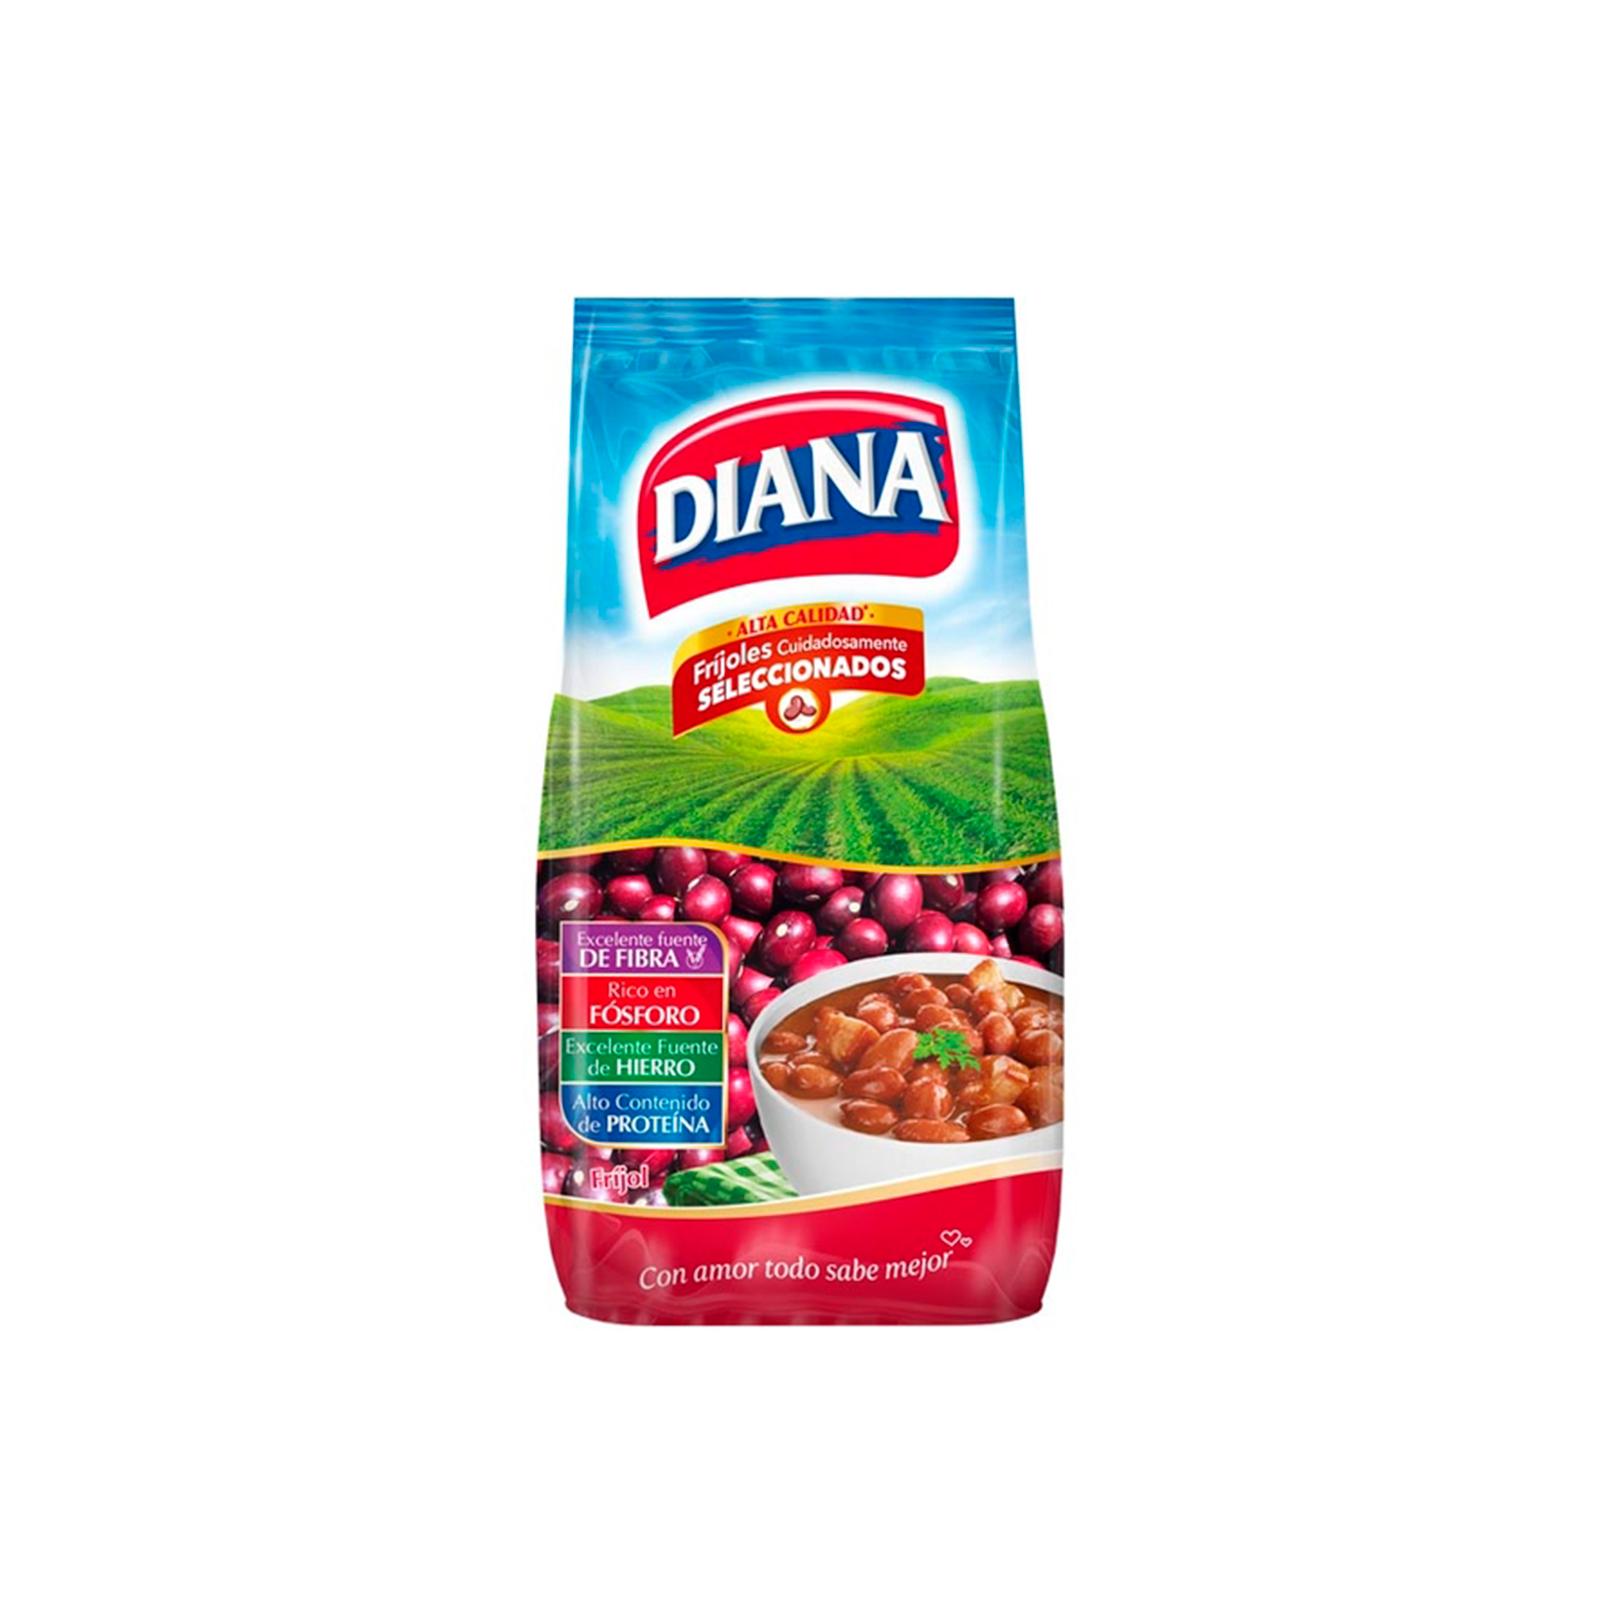 Frijol Diana Bola Roja